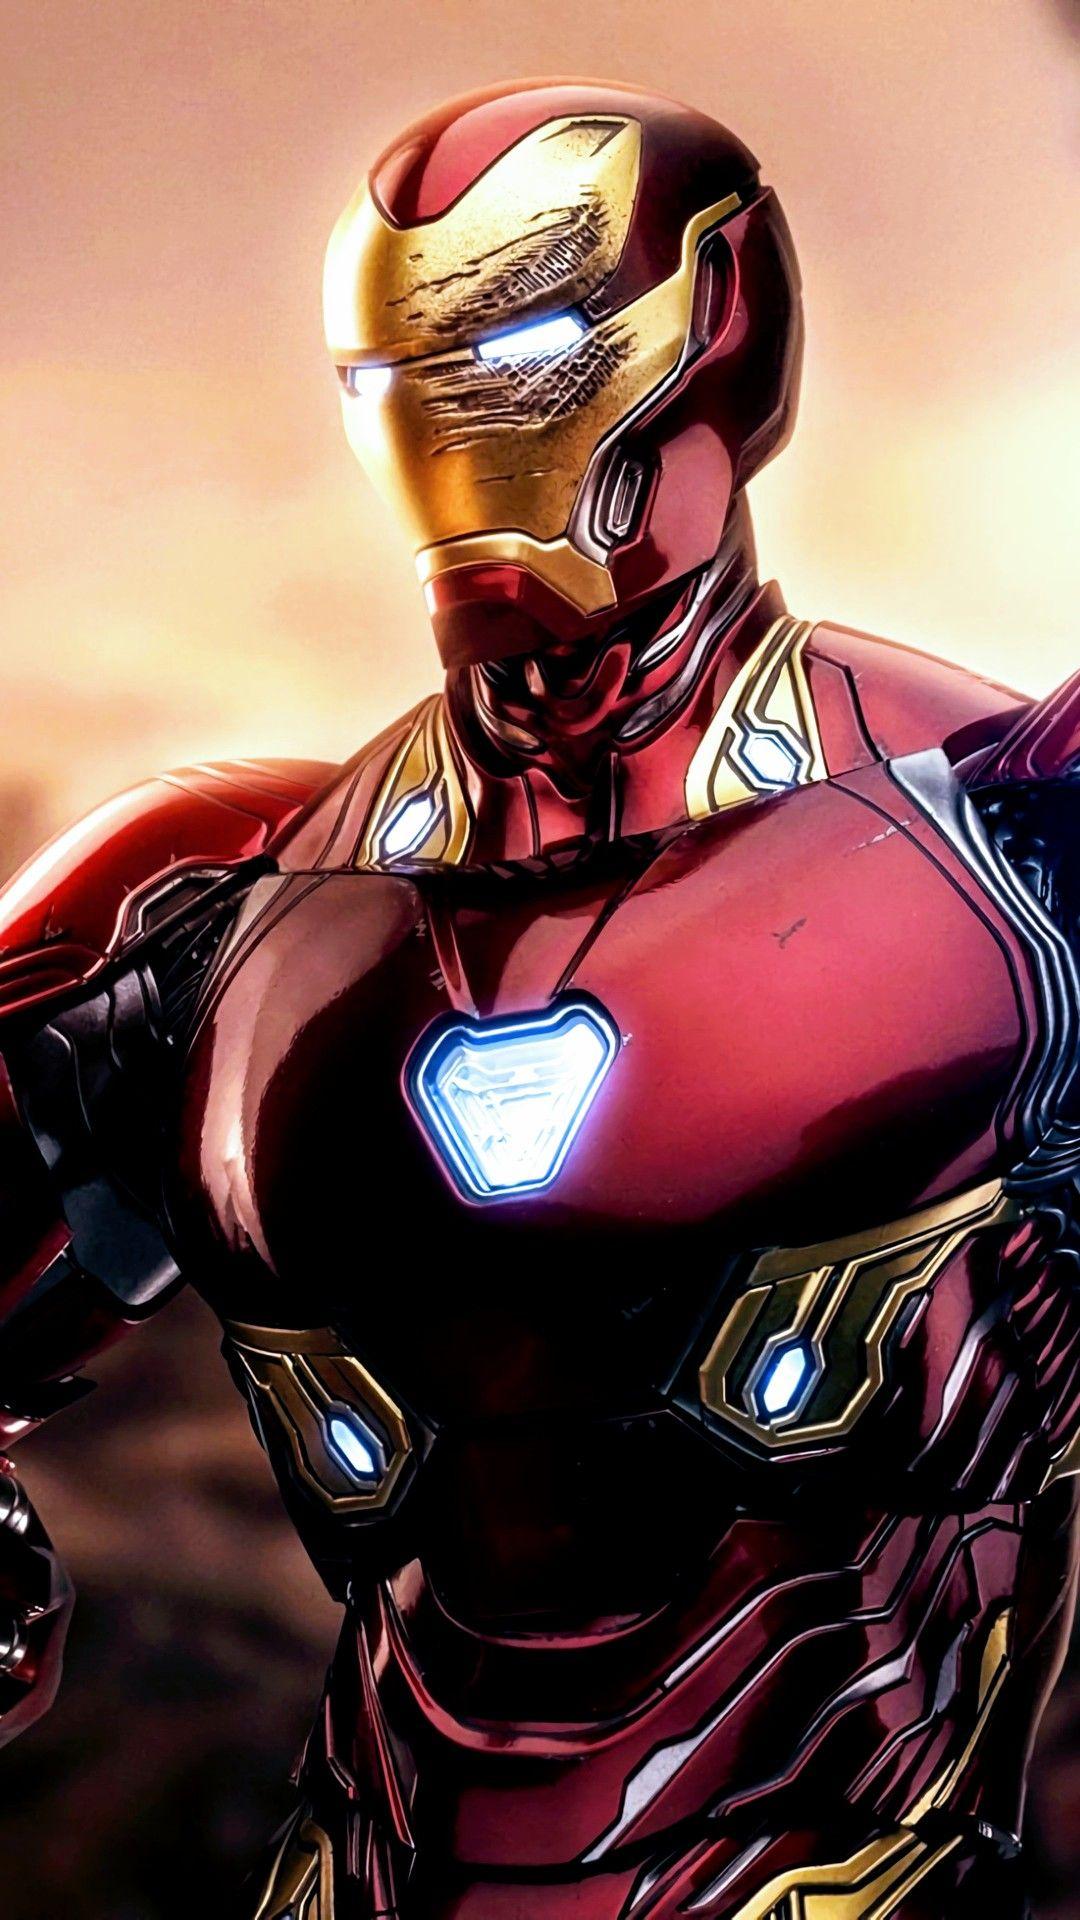 Iron Man Tony Stark Iron Man Avengers Iron Man Iron Man Hd Wallpaper